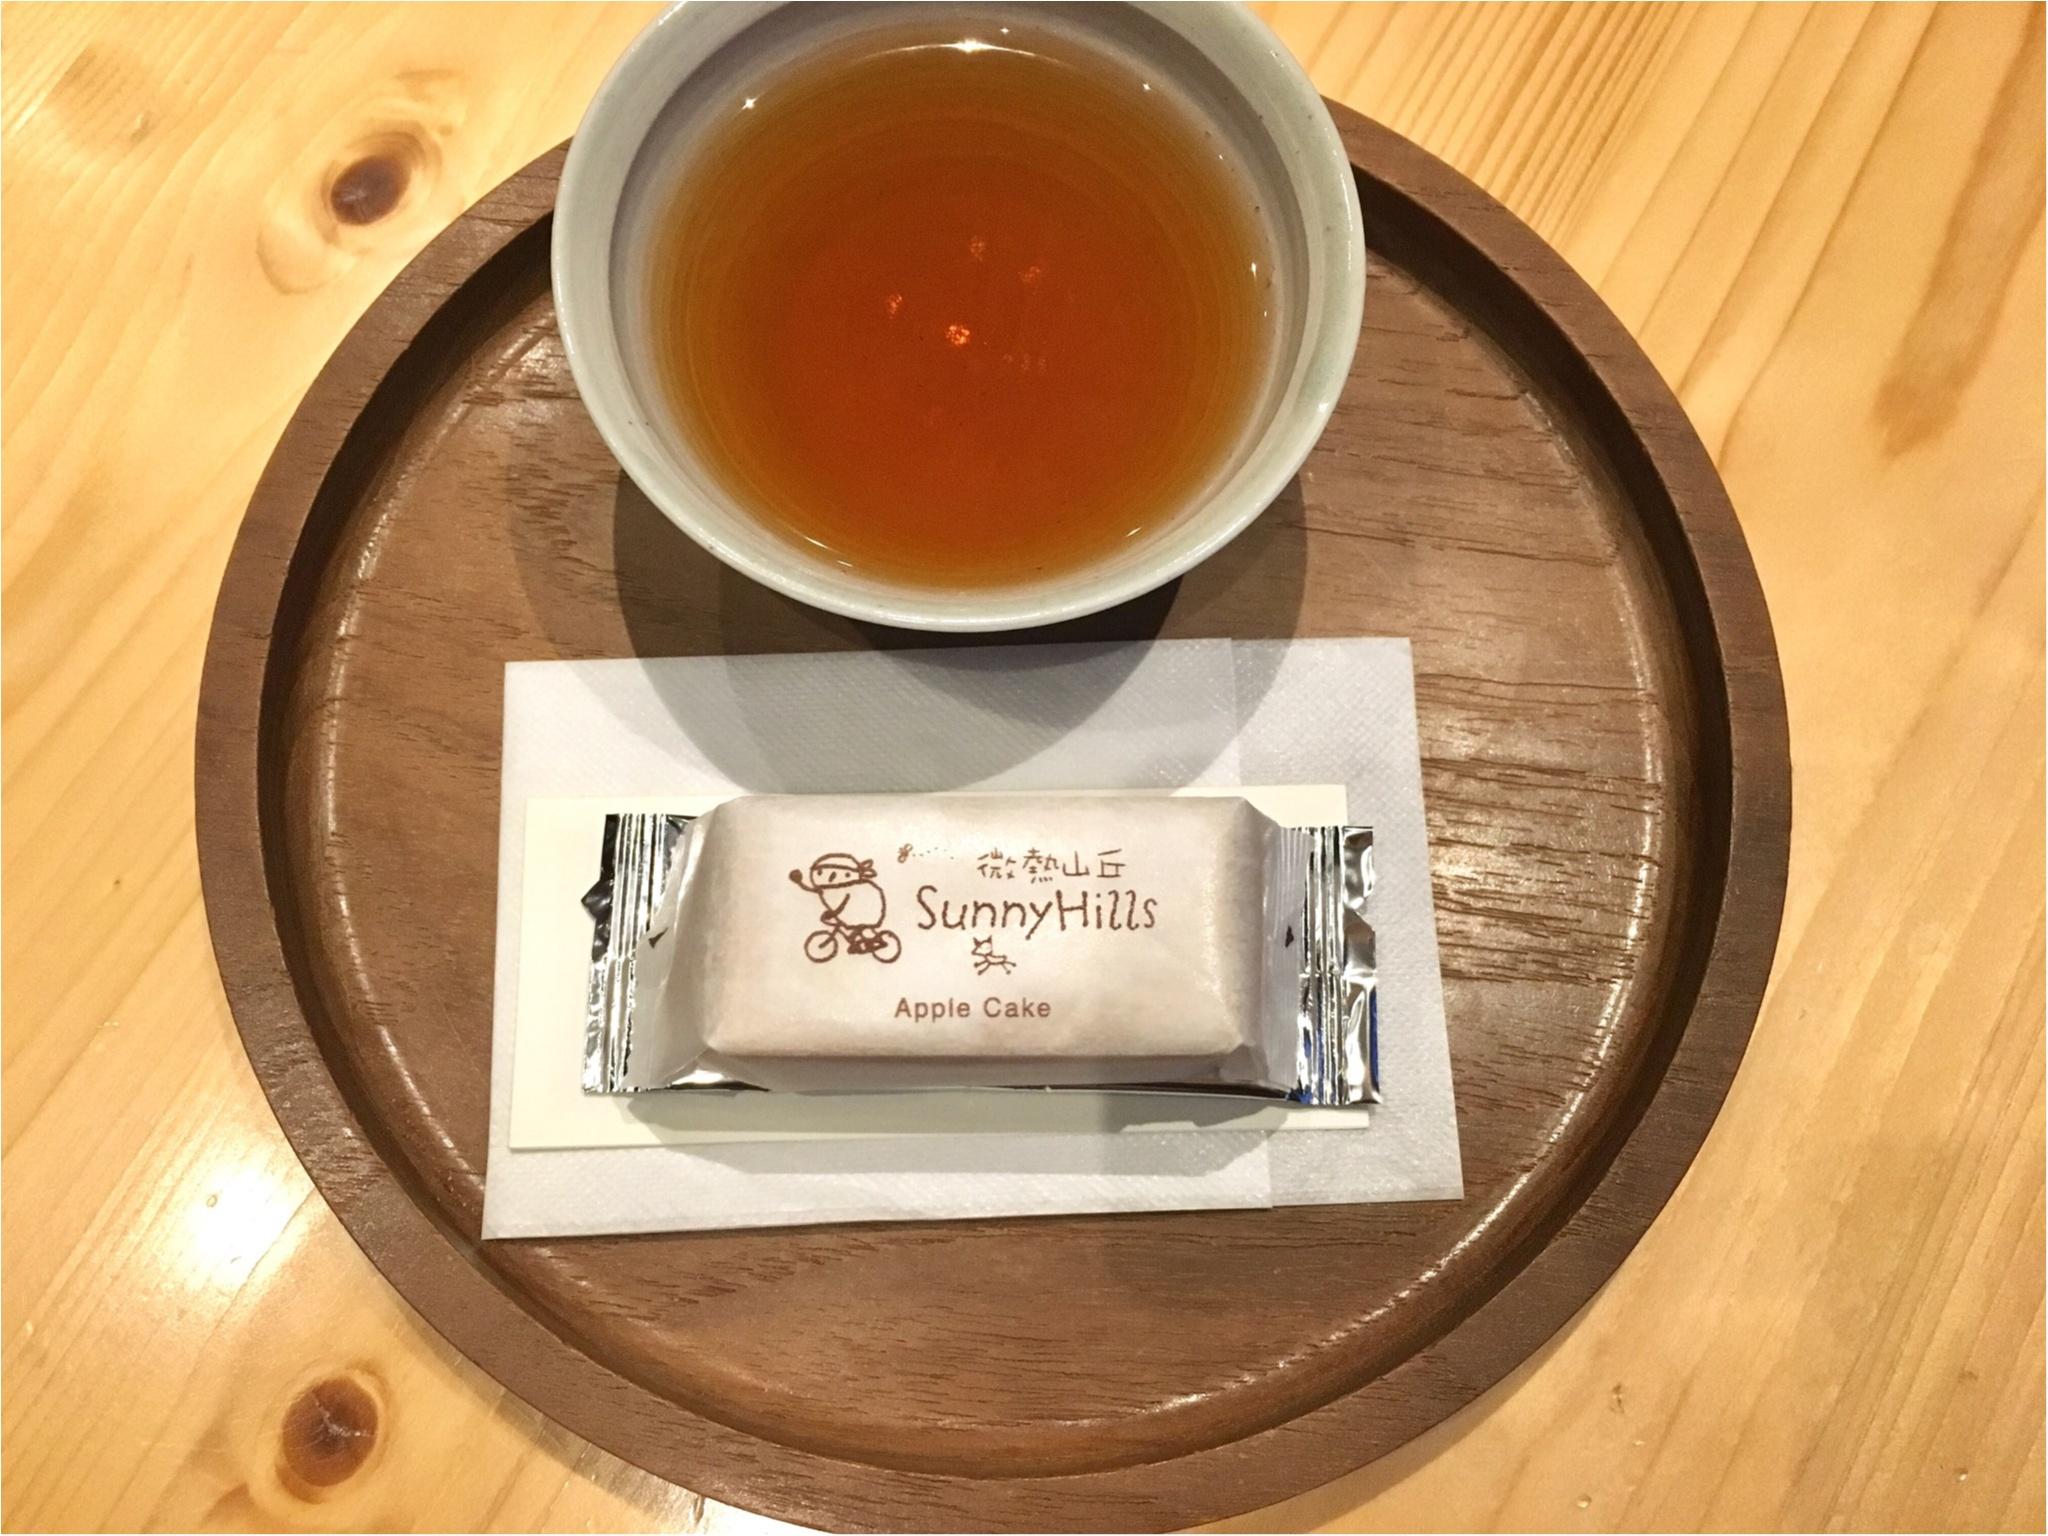 【微熱山丘-サニーヒルズ-】台湾の人気パイナップルケーキを表参道で。_2